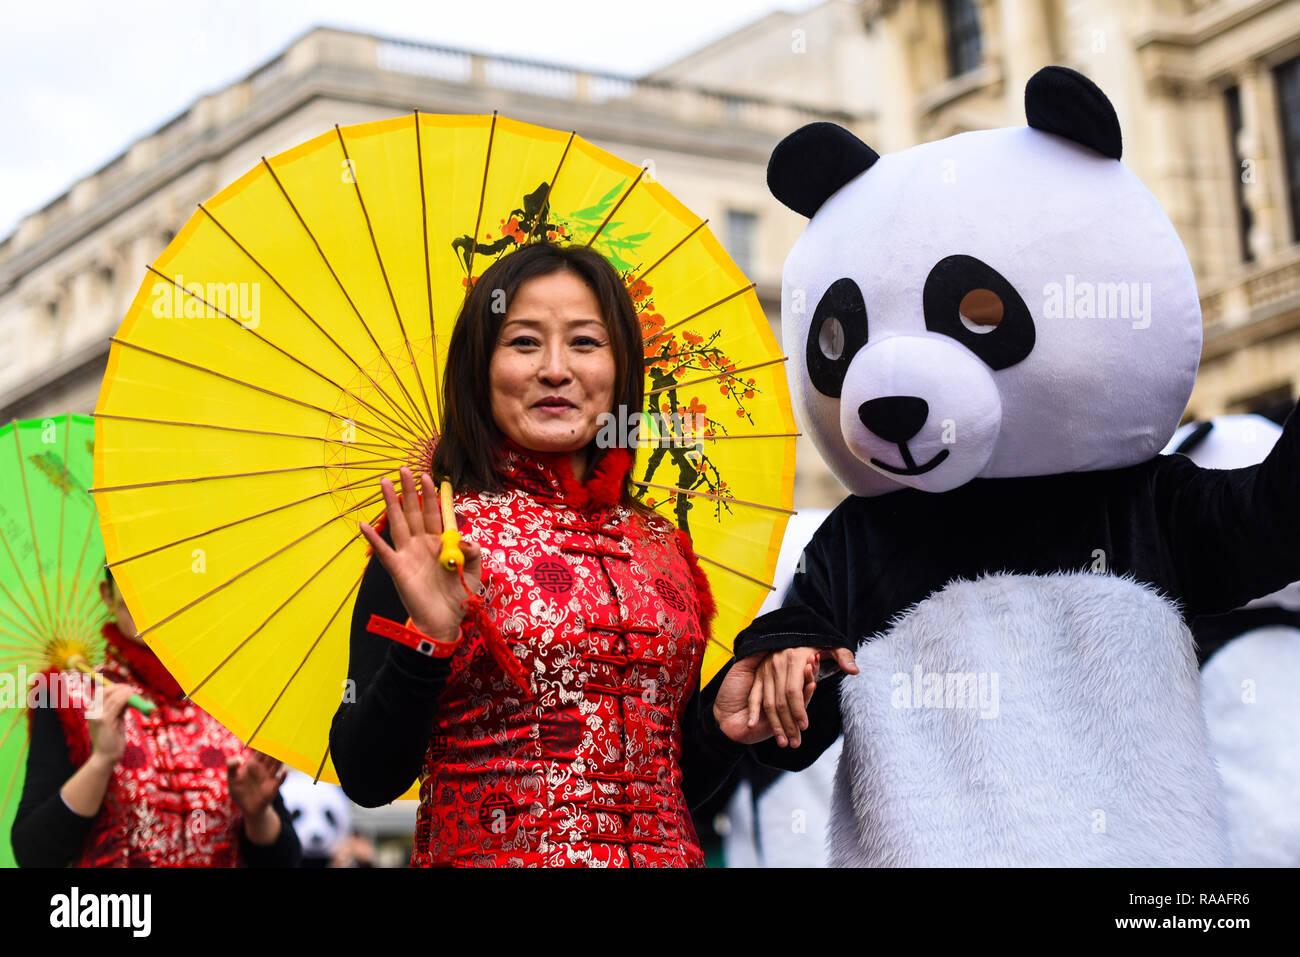 Asociación chino Chinatown de Londres, Reino Unido, en Londres el día de Año Nuevo de Parade, Reino Unido. Chino y panda traje femenino Imagen De Stock